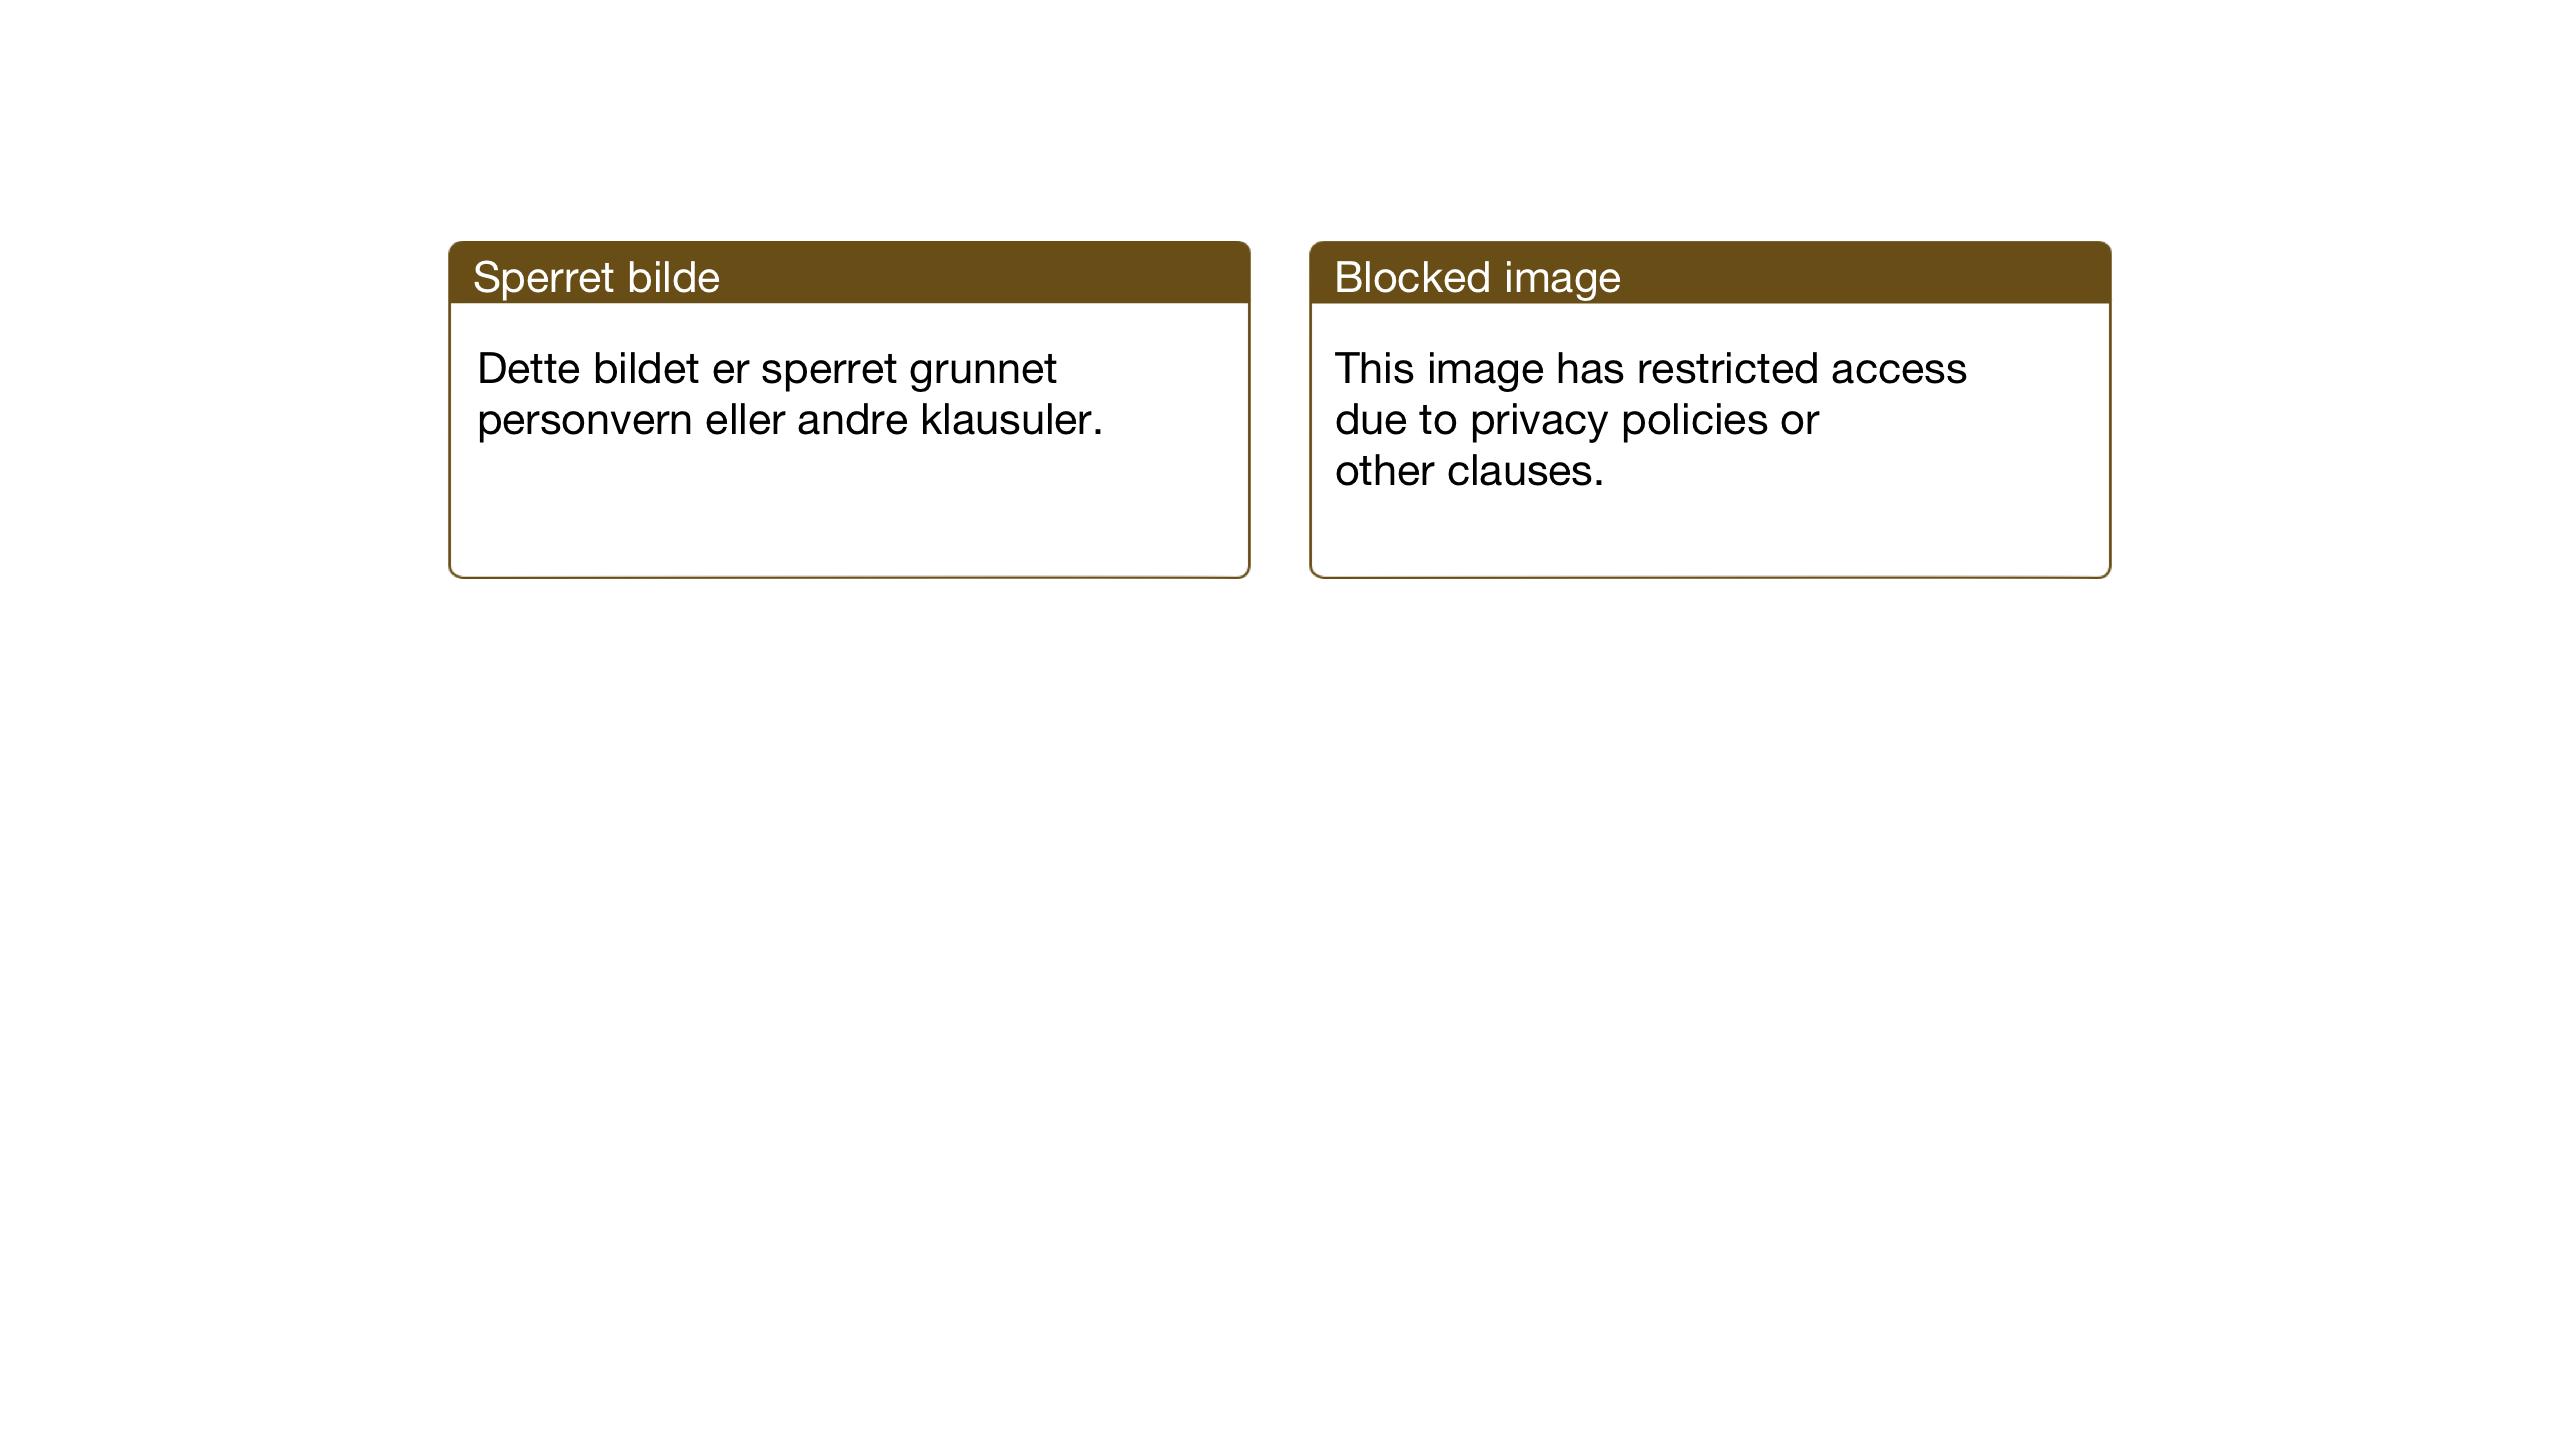 SAT, Ministerialprotokoller, klokkerbøker og fødselsregistre - Sør-Trøndelag, 686/L0986: Klokkerbok nr. 686C02, 1933-1950, s. 184